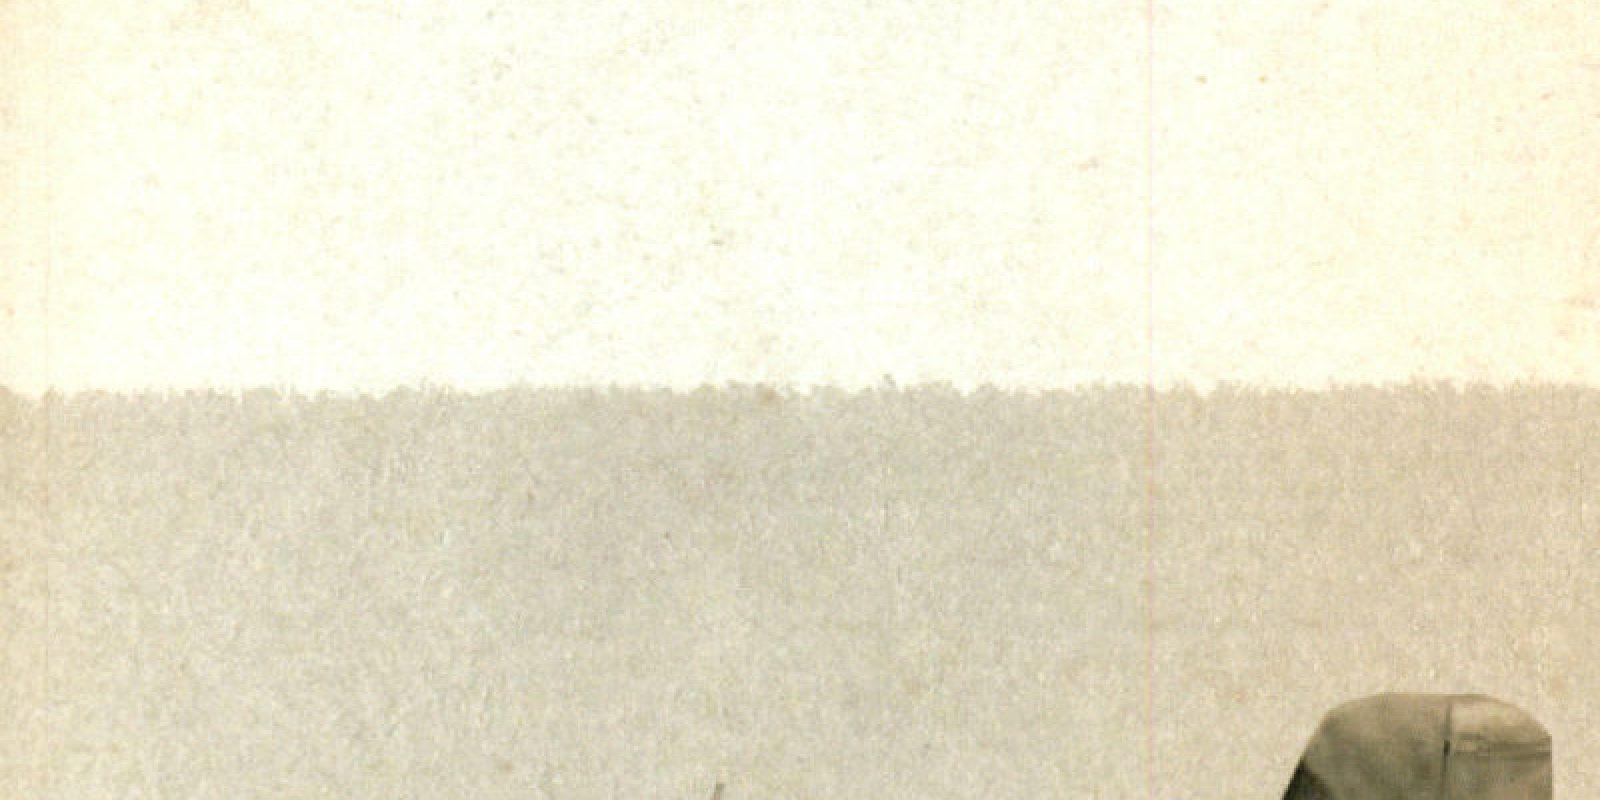 Komet1_800.jpg